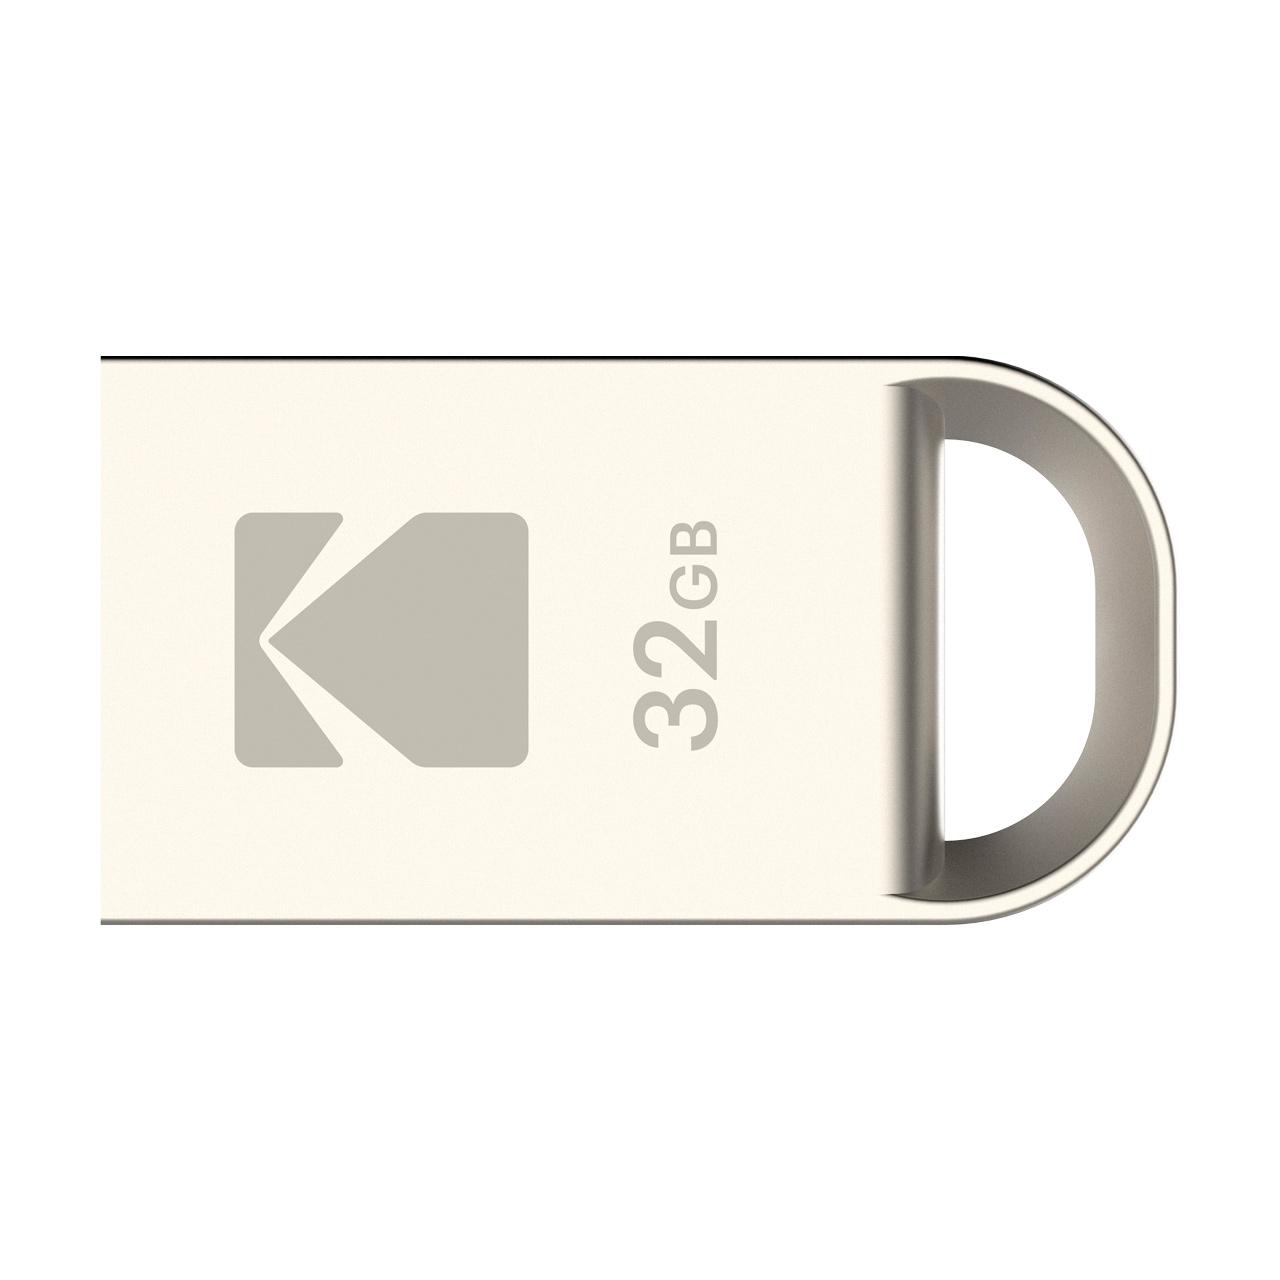 فلش مموری برند Kodak مدل K902 ظرفیت 32GB